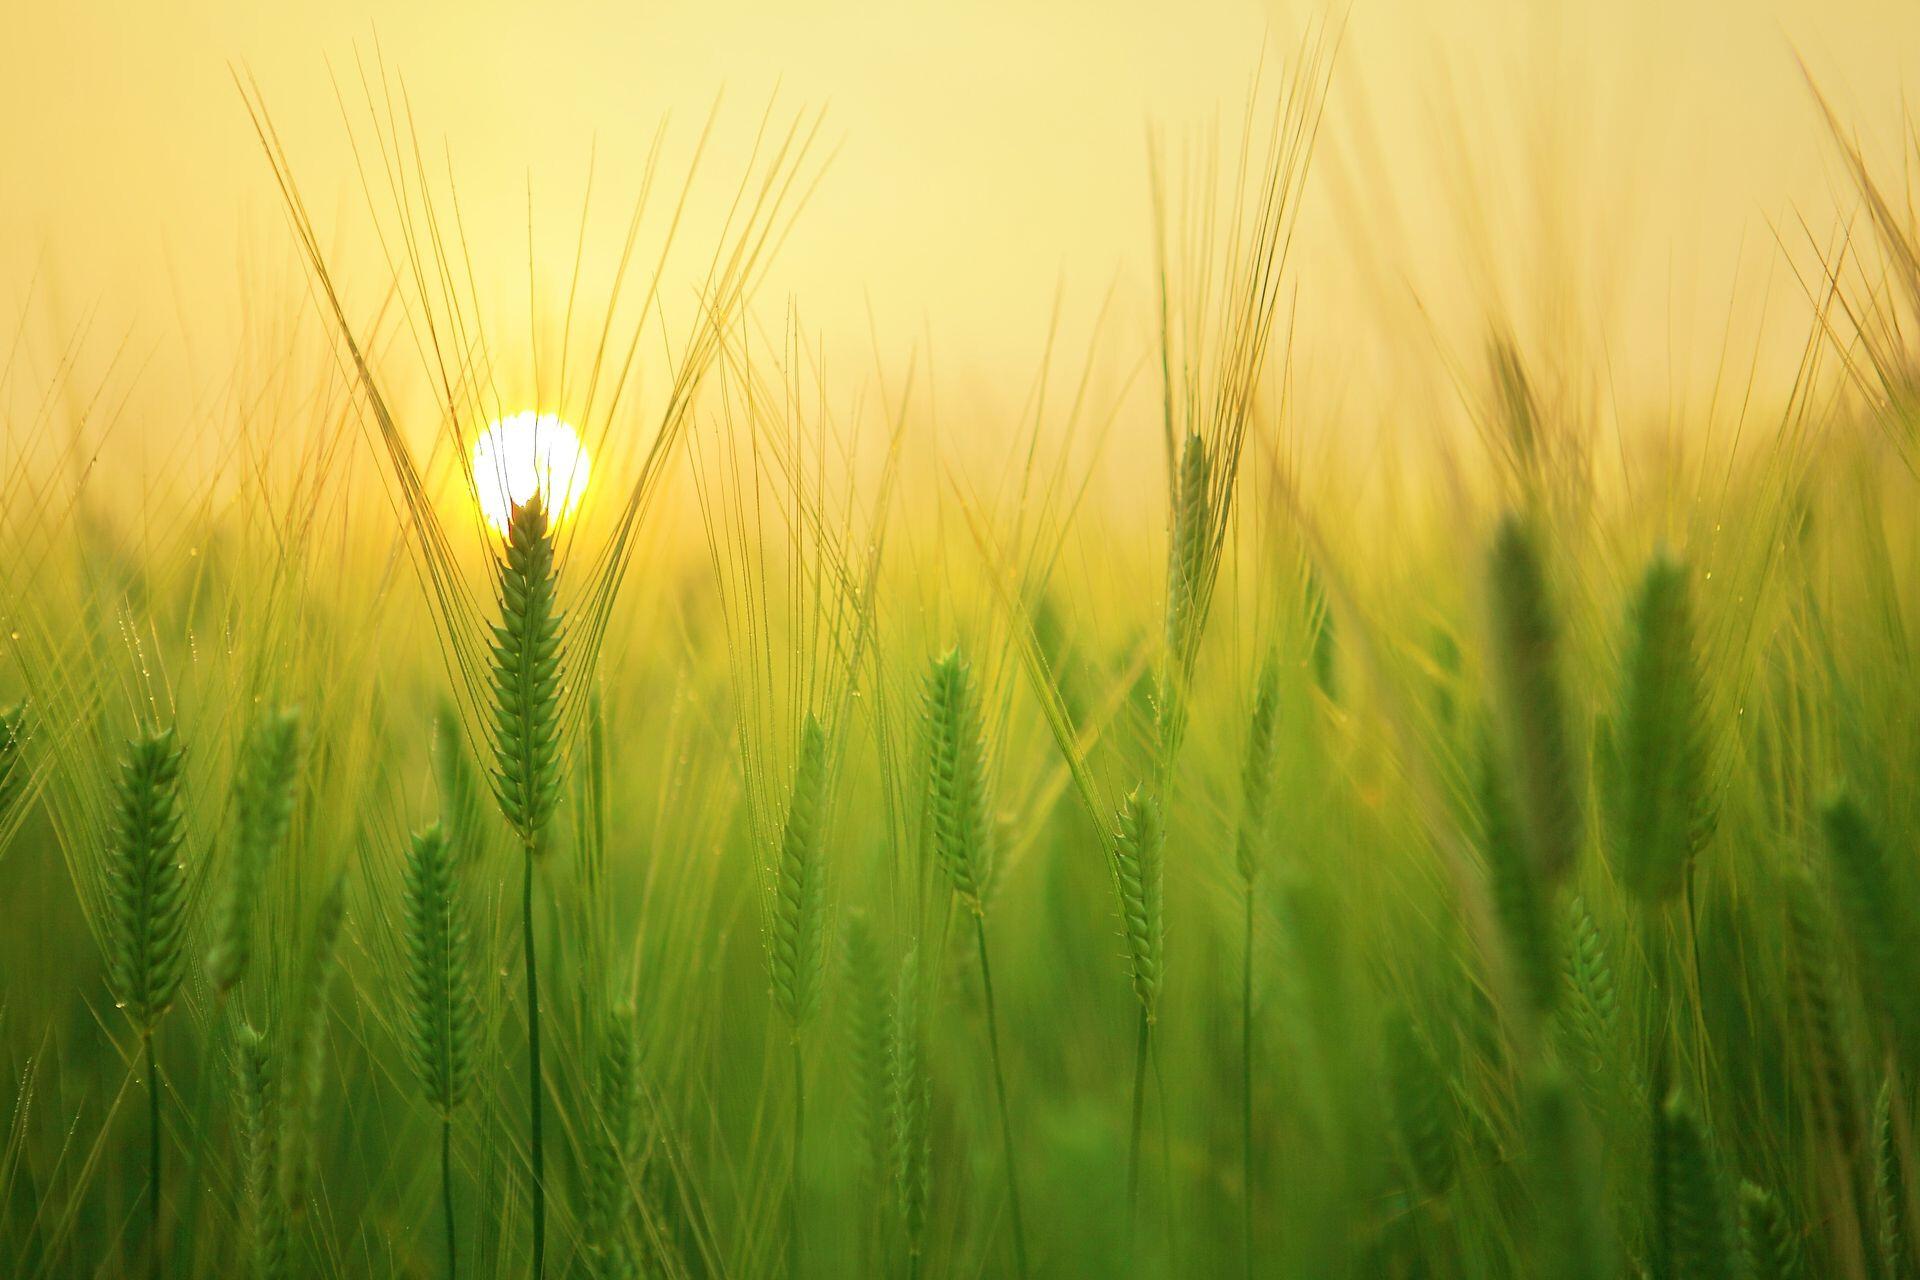 Нужно учиться выращивать озимые в условиях нетипичной зимы